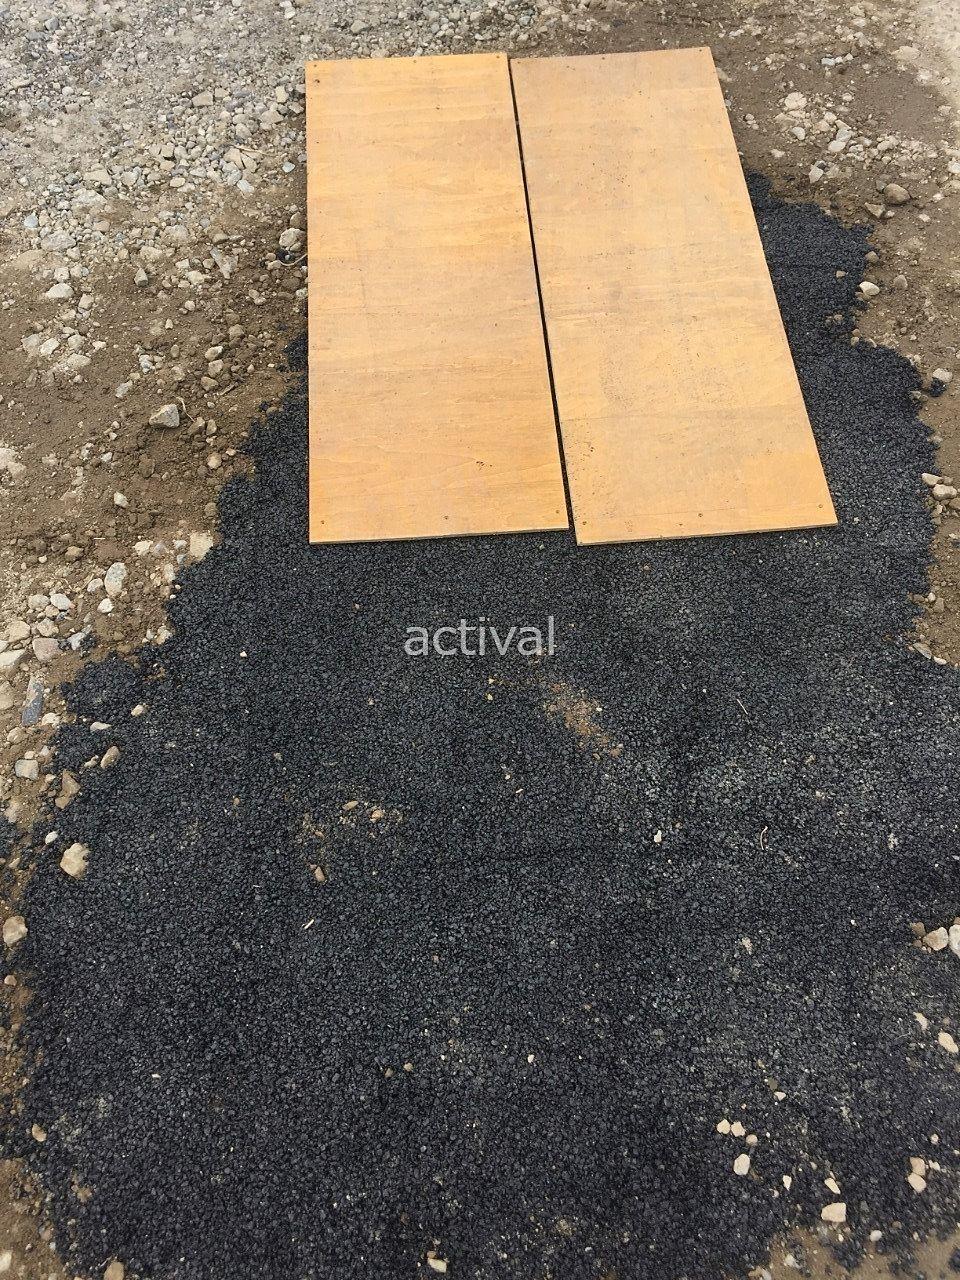 アスファルト補修材の上に板を置きます!